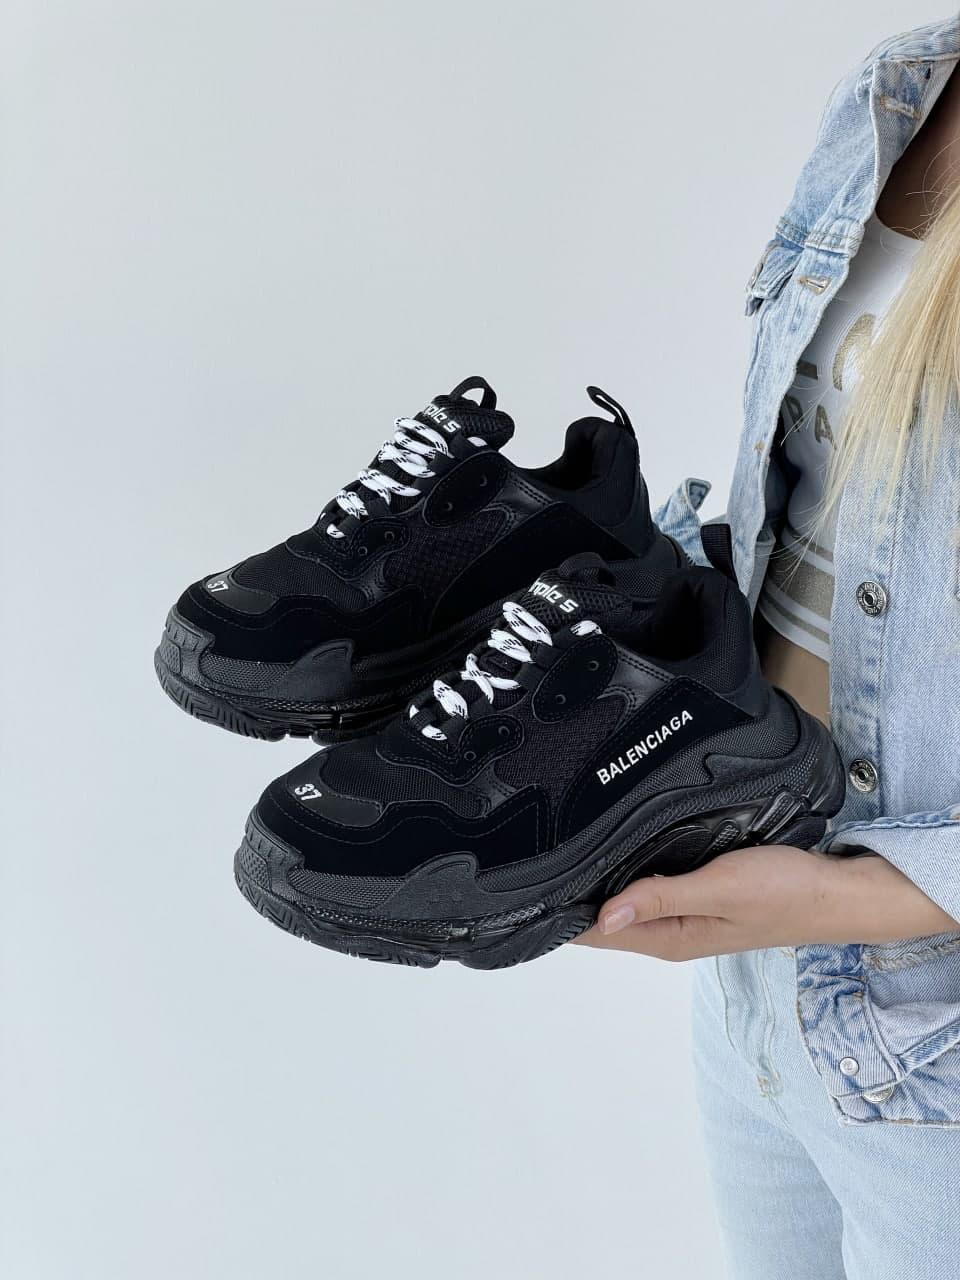 Мужские кроссовки BALENCIAGA Triple S (черные) J3153